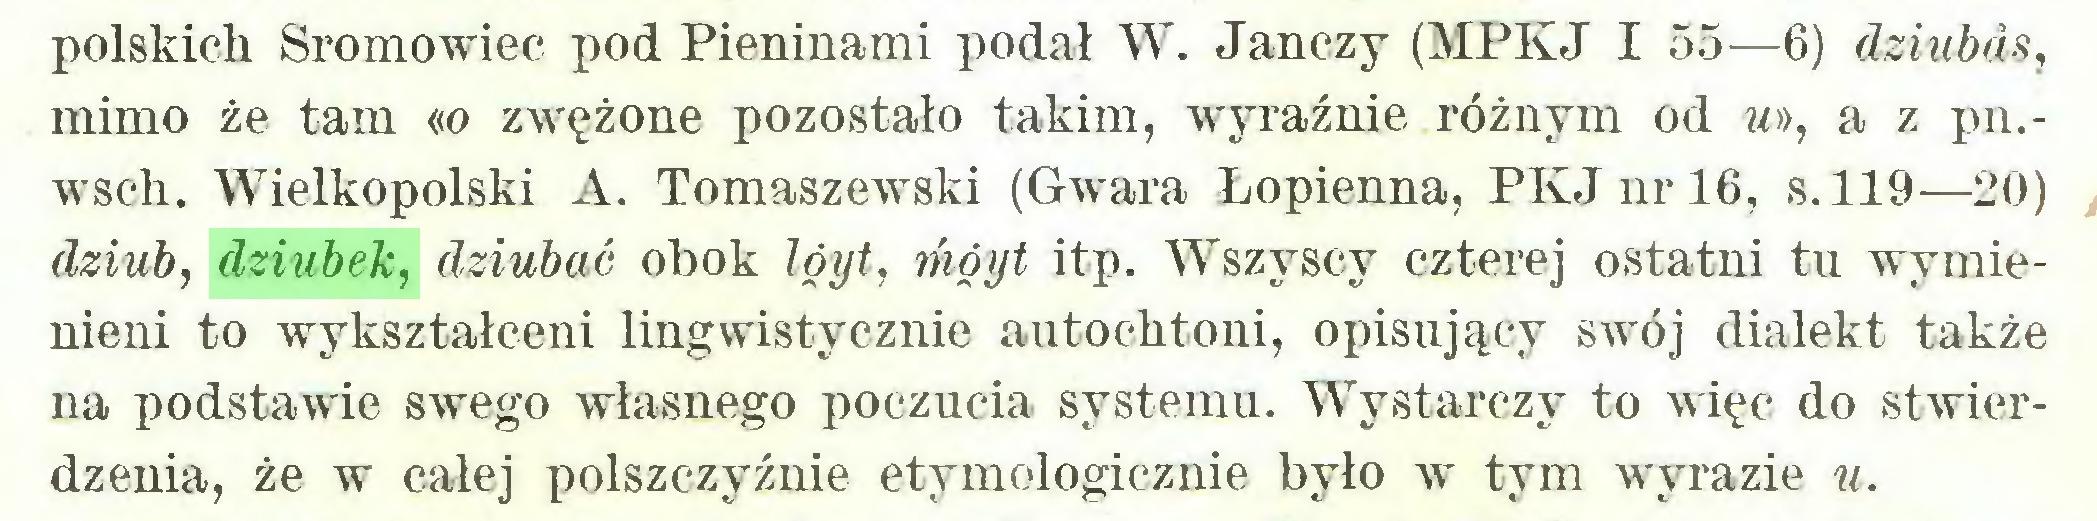 (...) polskich Sromowiec pod Pieninami podał W. Janczy (MPKJ I 55—6) dziubds, mimo że tam «o zwężone pozostało takim, wyraźnie różnym od w», a z pn.wsch. Wielkopolski A. Tomaszewski (Gwara Łopienna, PKJnrl6, s. 119—20) dziub, dziubek, dziubać obok lóyt, móyt itp. Wszyscy czterej ostatni tu wymienieni to wykształceni lingwistycznie autochtoni, opisujący swój dialekt także na podstawie swego własnego poczucia systemu. Wystarczy to więc do stwierdzenia, że w całej polszczyźnie etymologicznie było w tym wyrazie u...